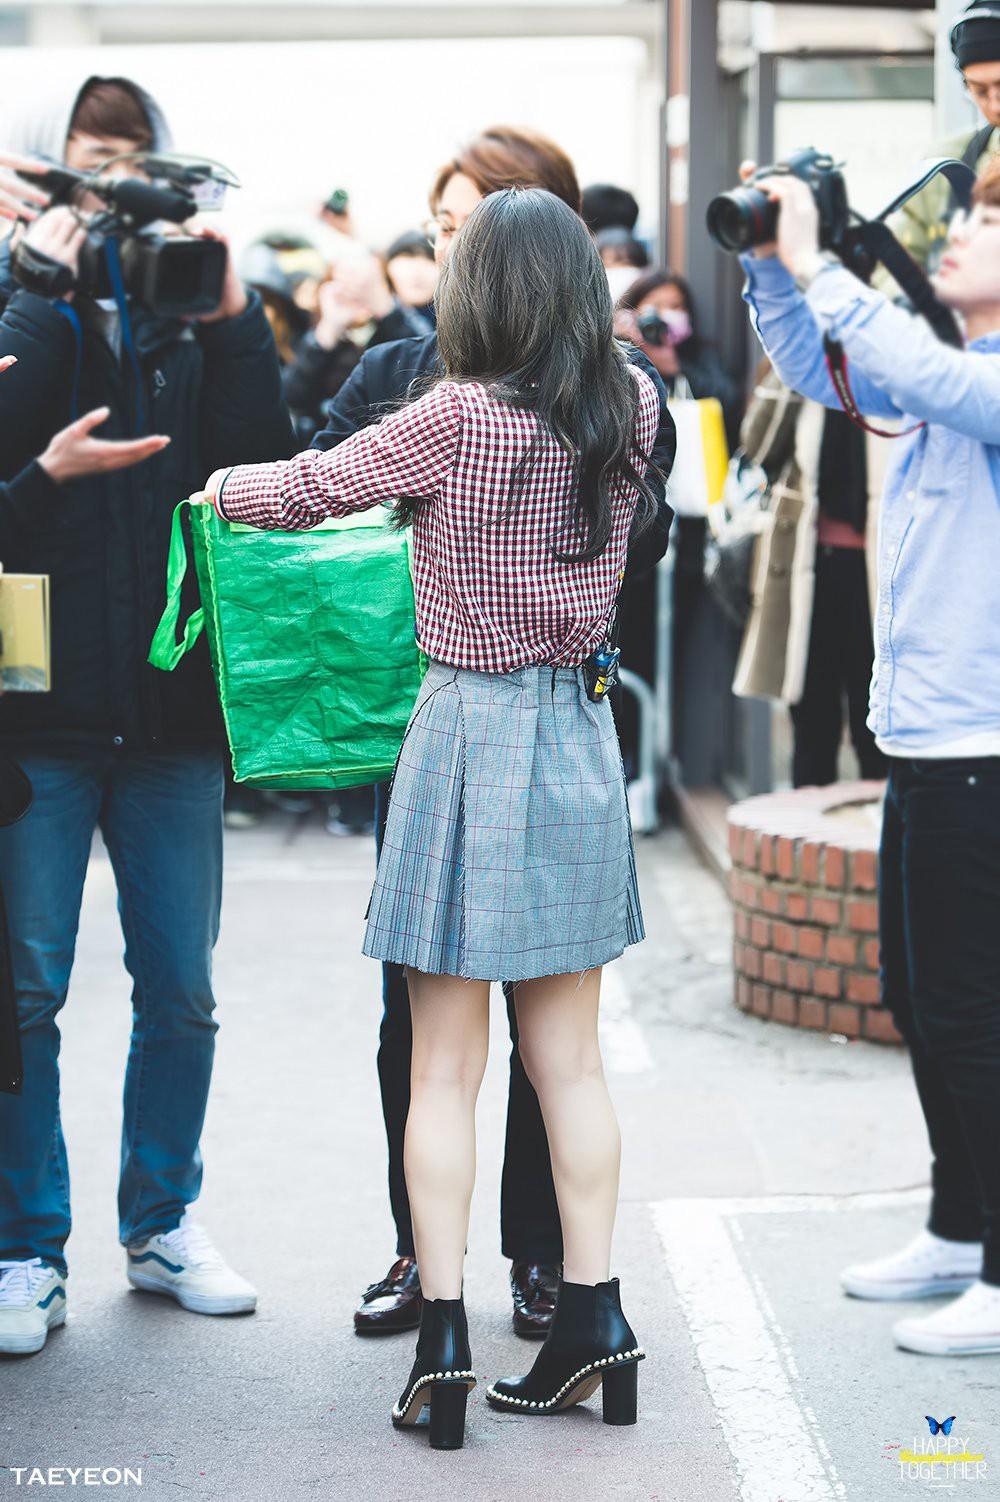 Dáng đẹp quá cũng khổ, Taeyeon lúc nào cũng chật vật với chân váy và shorts vì vòng eo siêu bé - Ảnh 7.